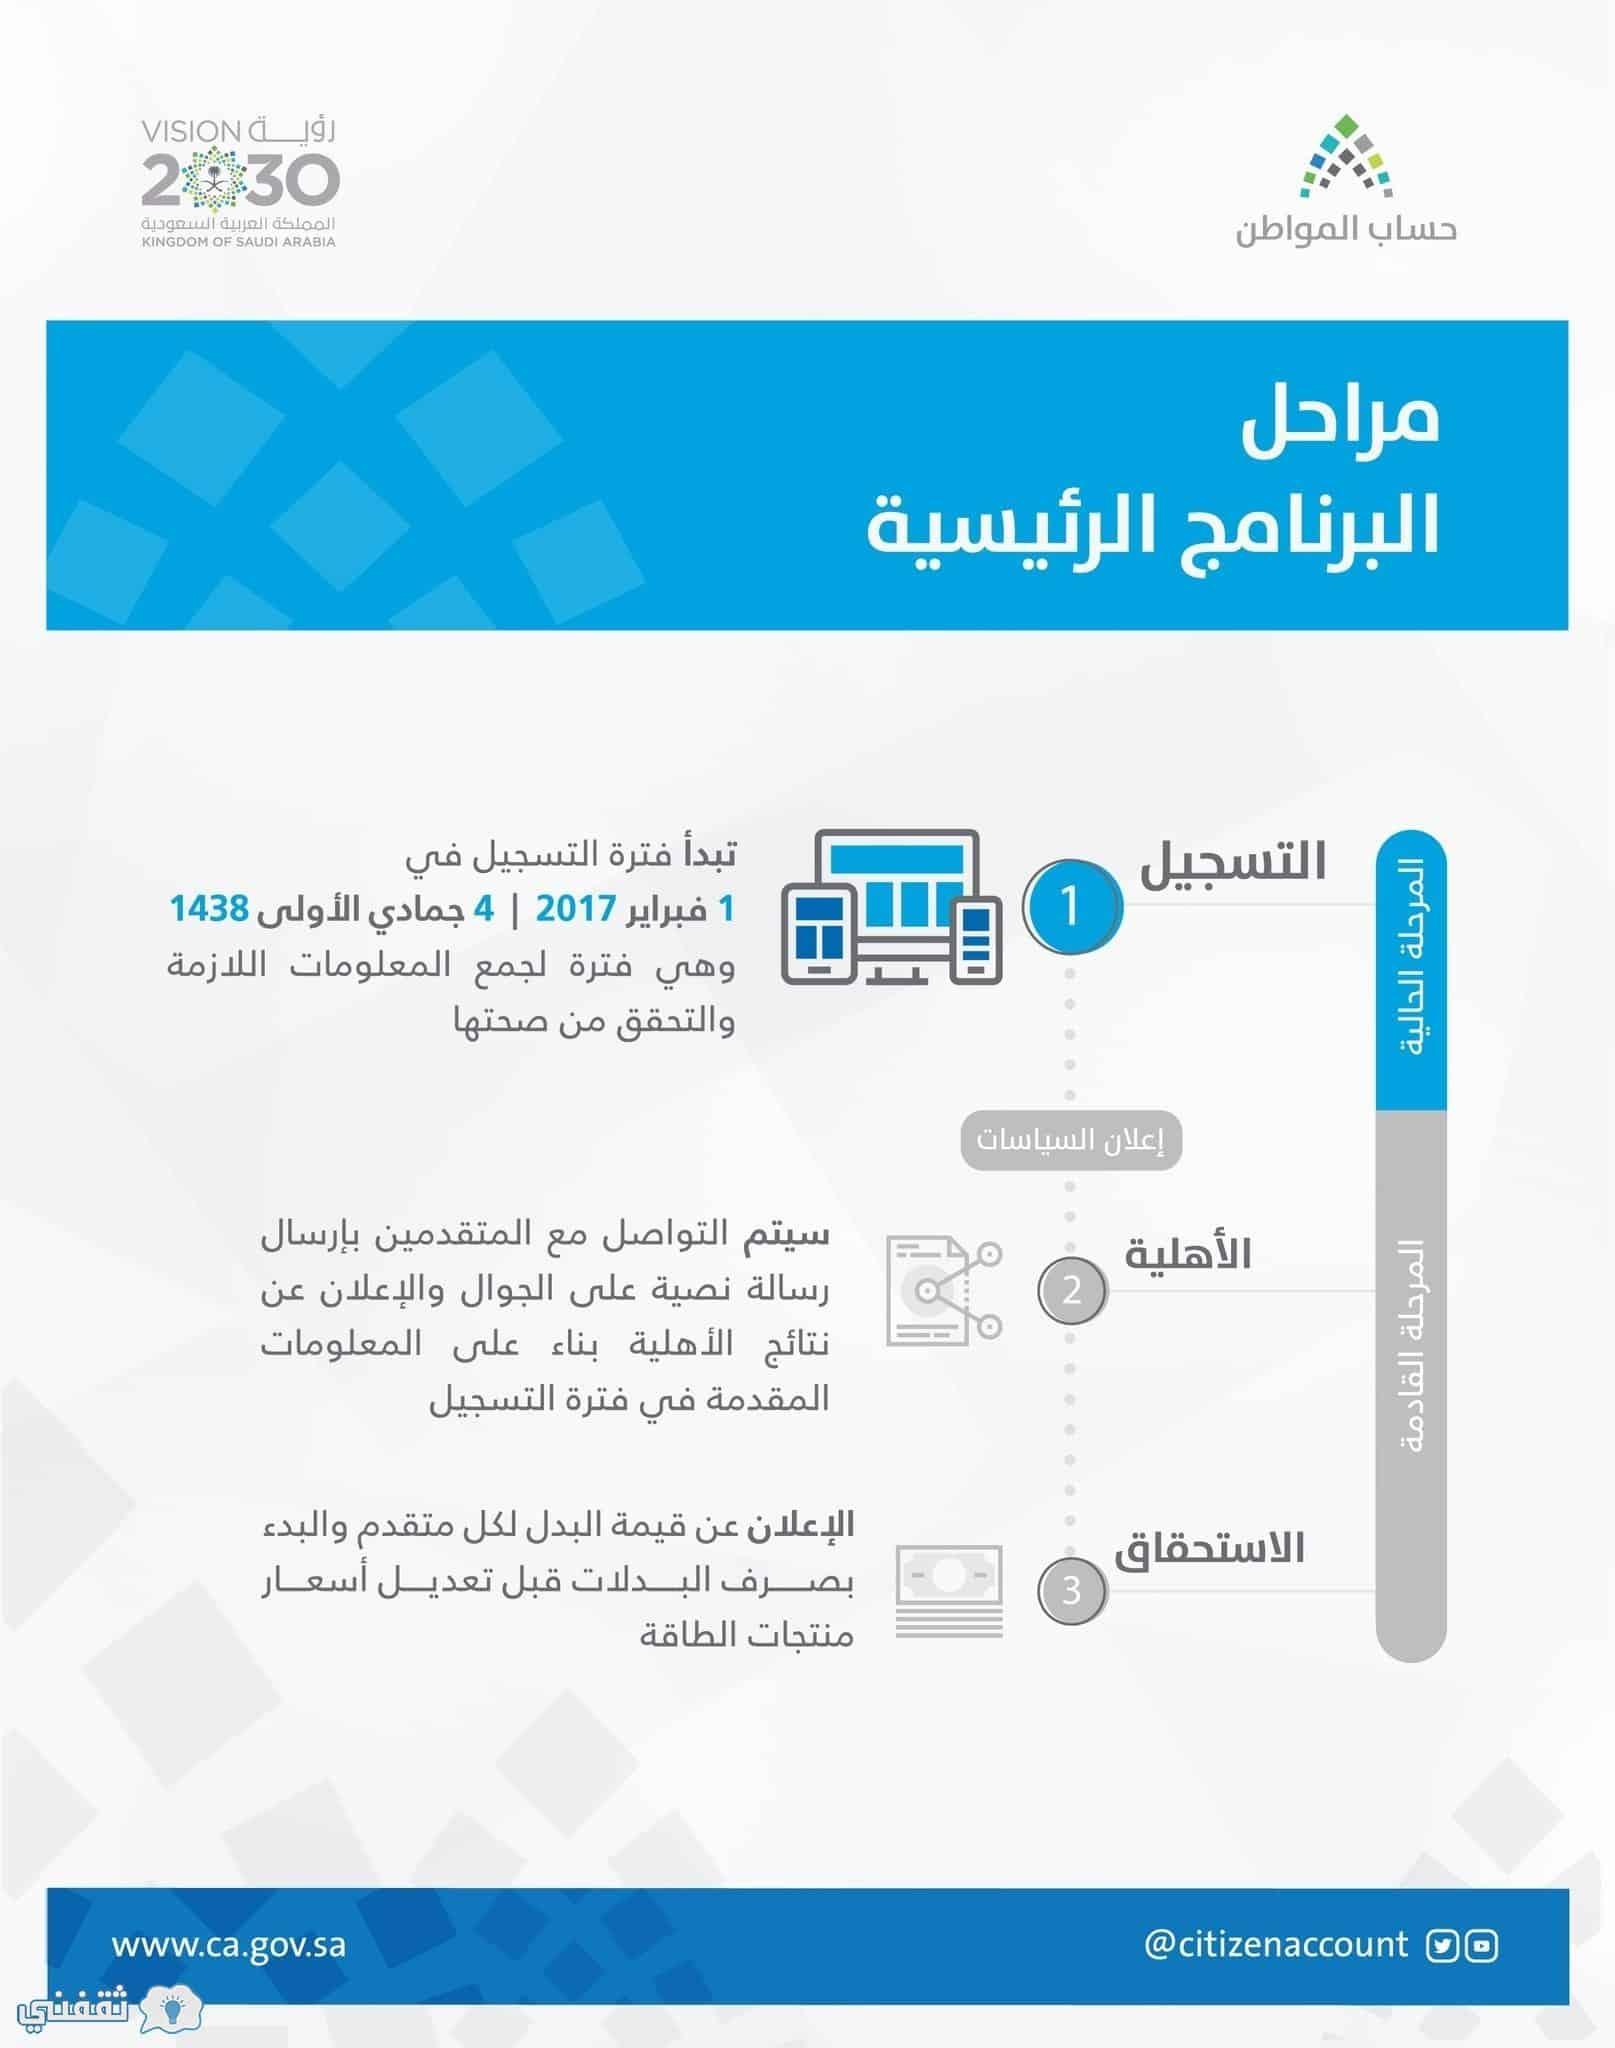 مراحل برنامج حساب المواطن الرئيسية